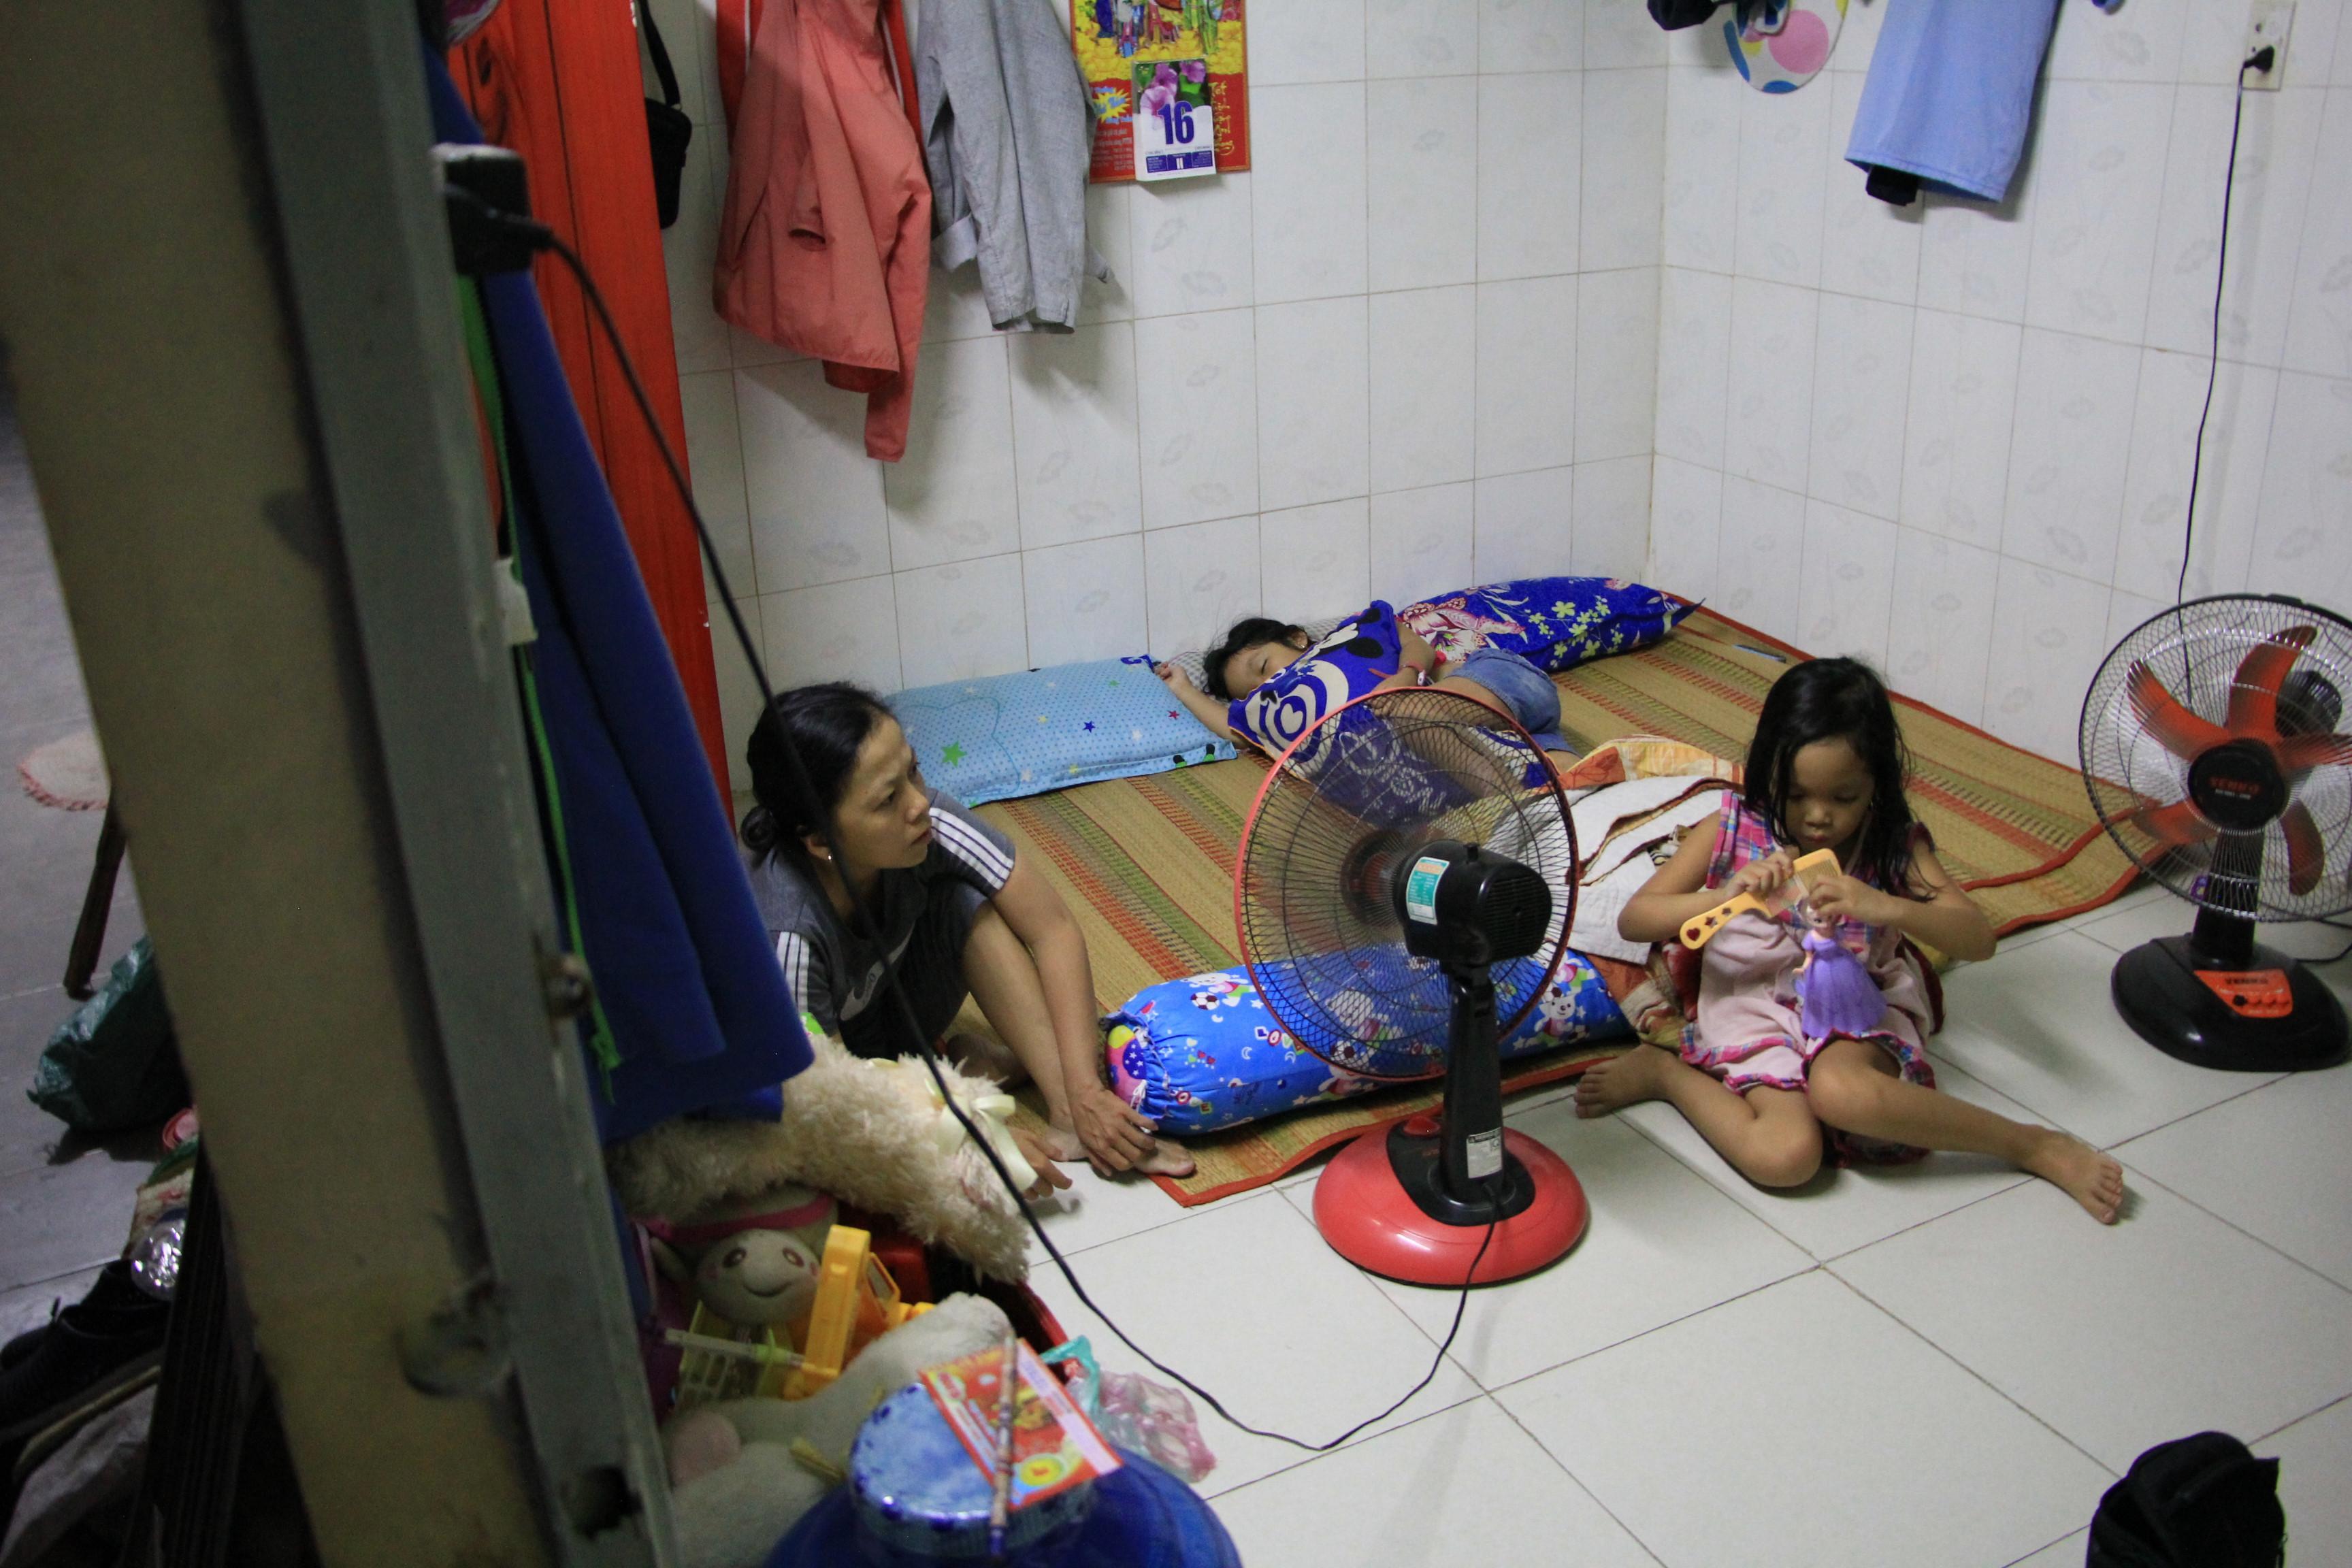 Bảo vệ già ở Sài Gòn bị dàn cảnh trộm xe SH: Không nhận thêm tiền, giúp lại người khác Ảnh 4